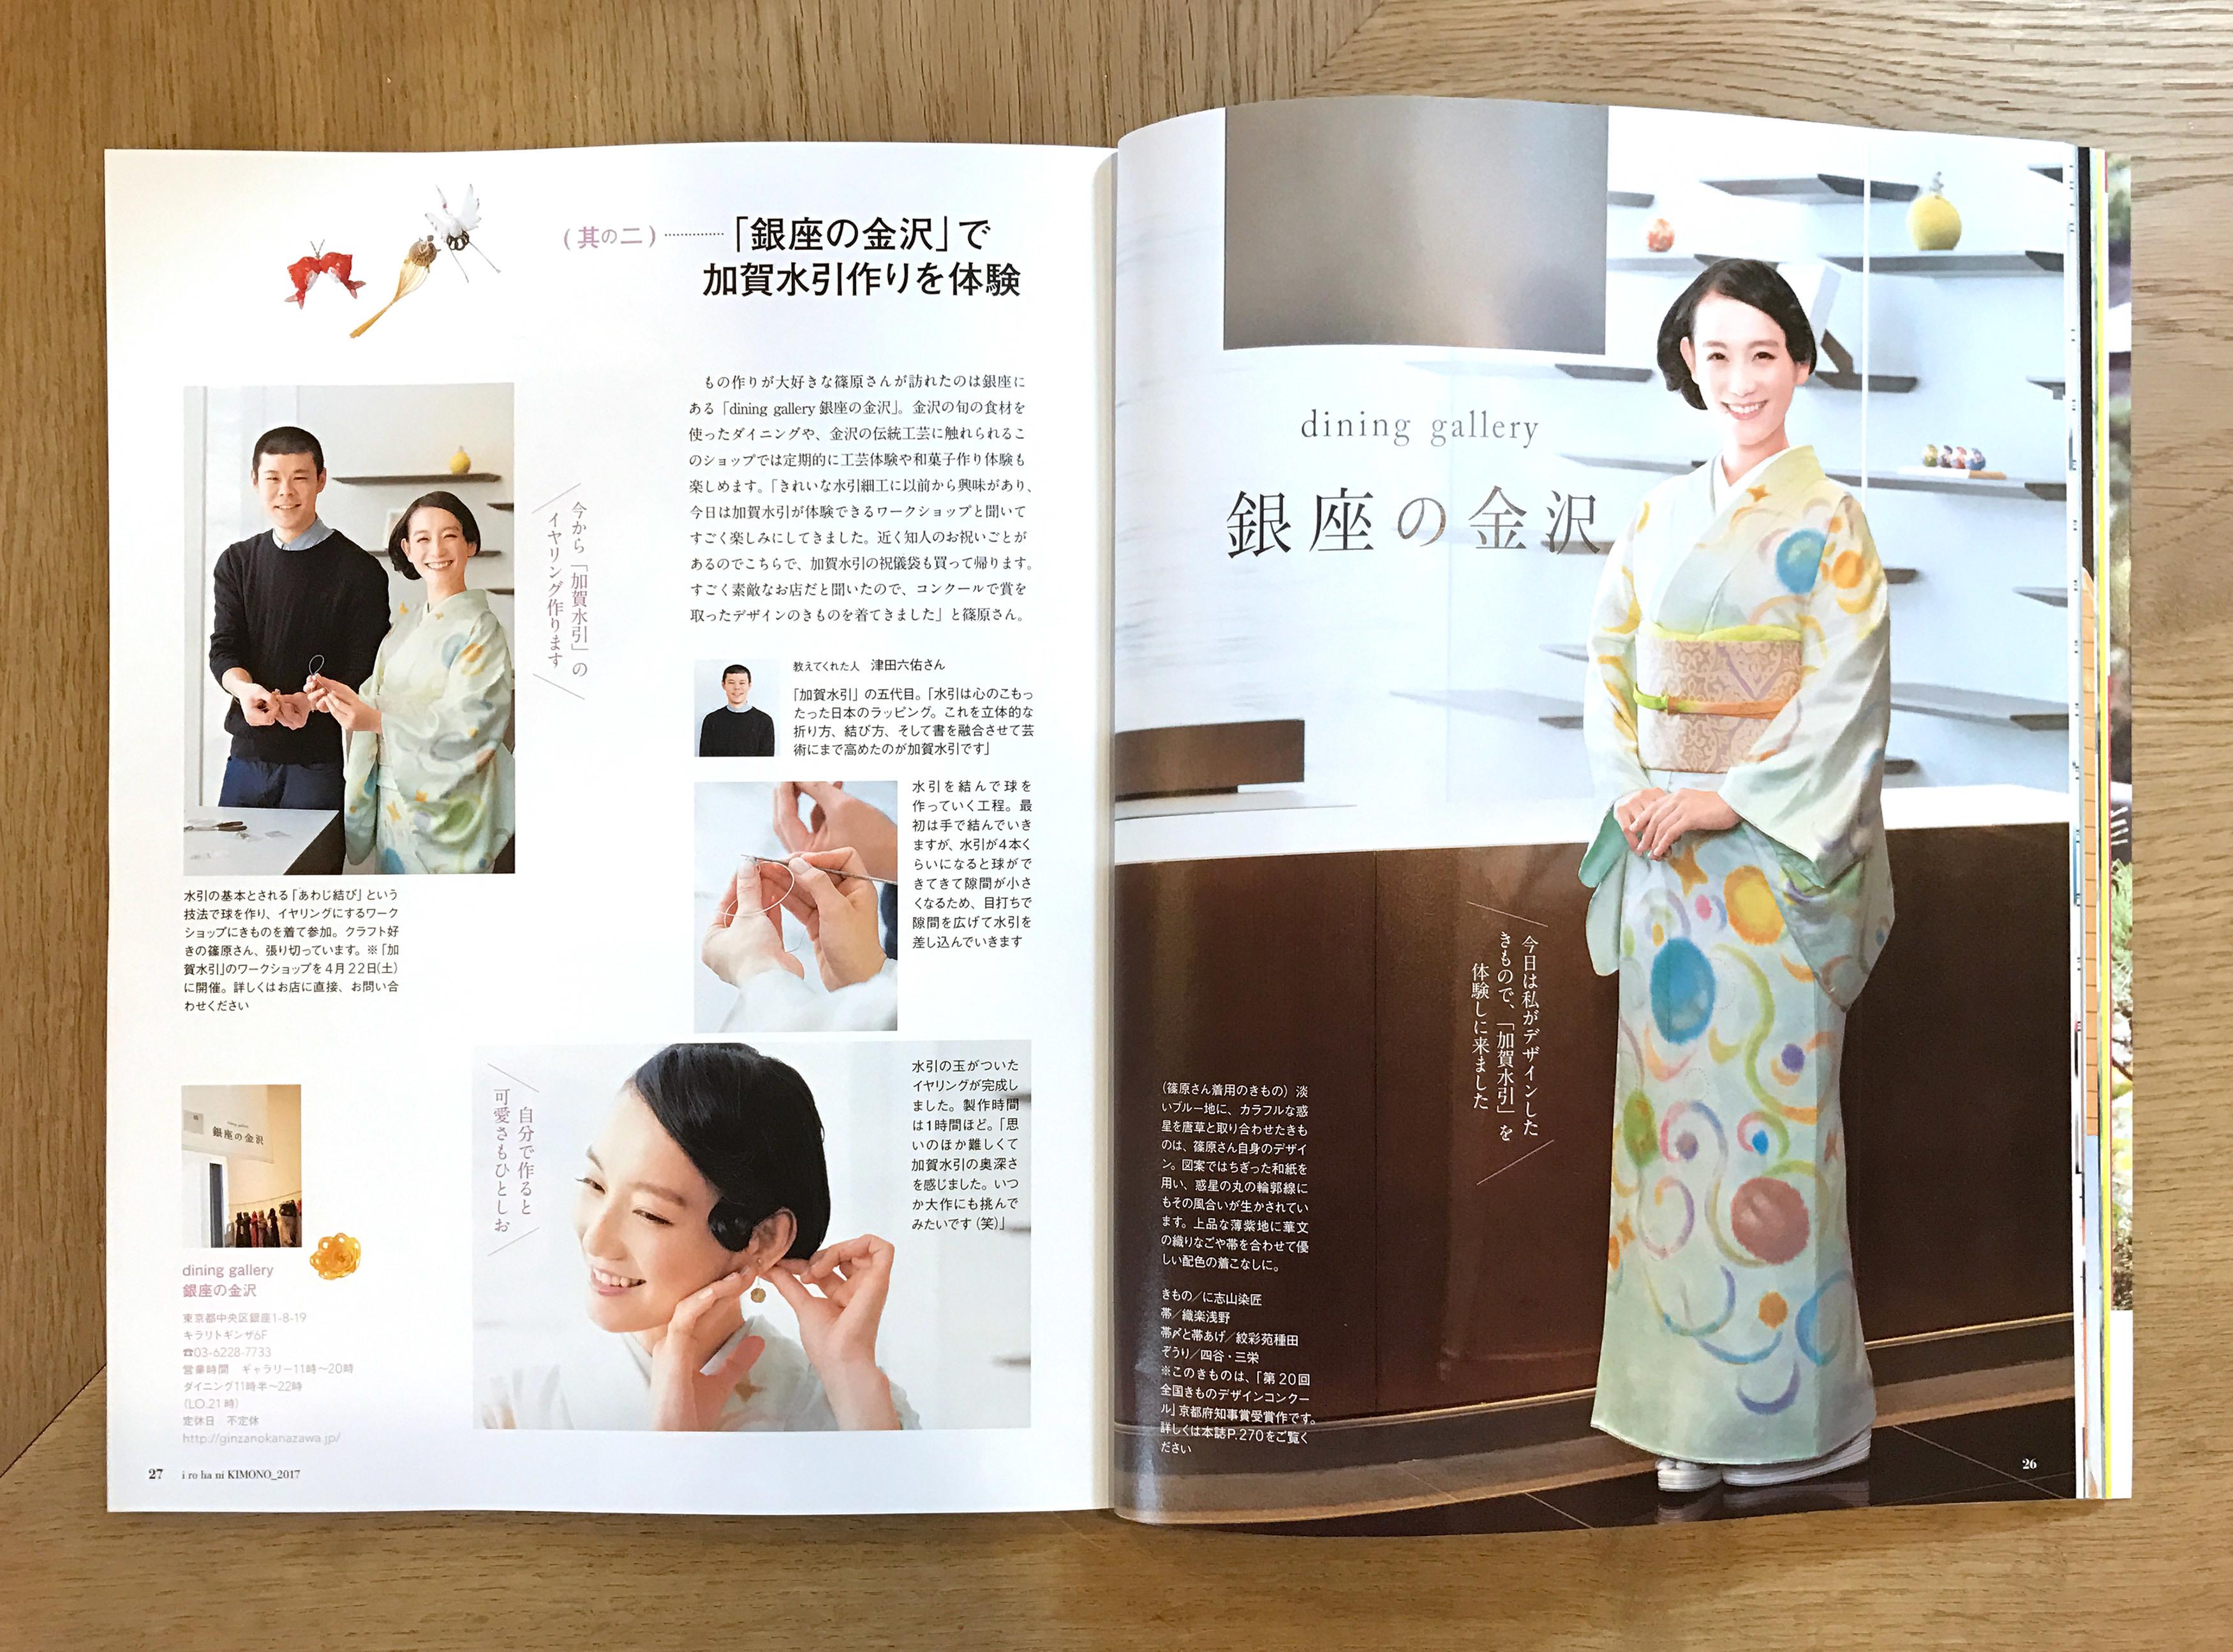 oshirase170220.jpg